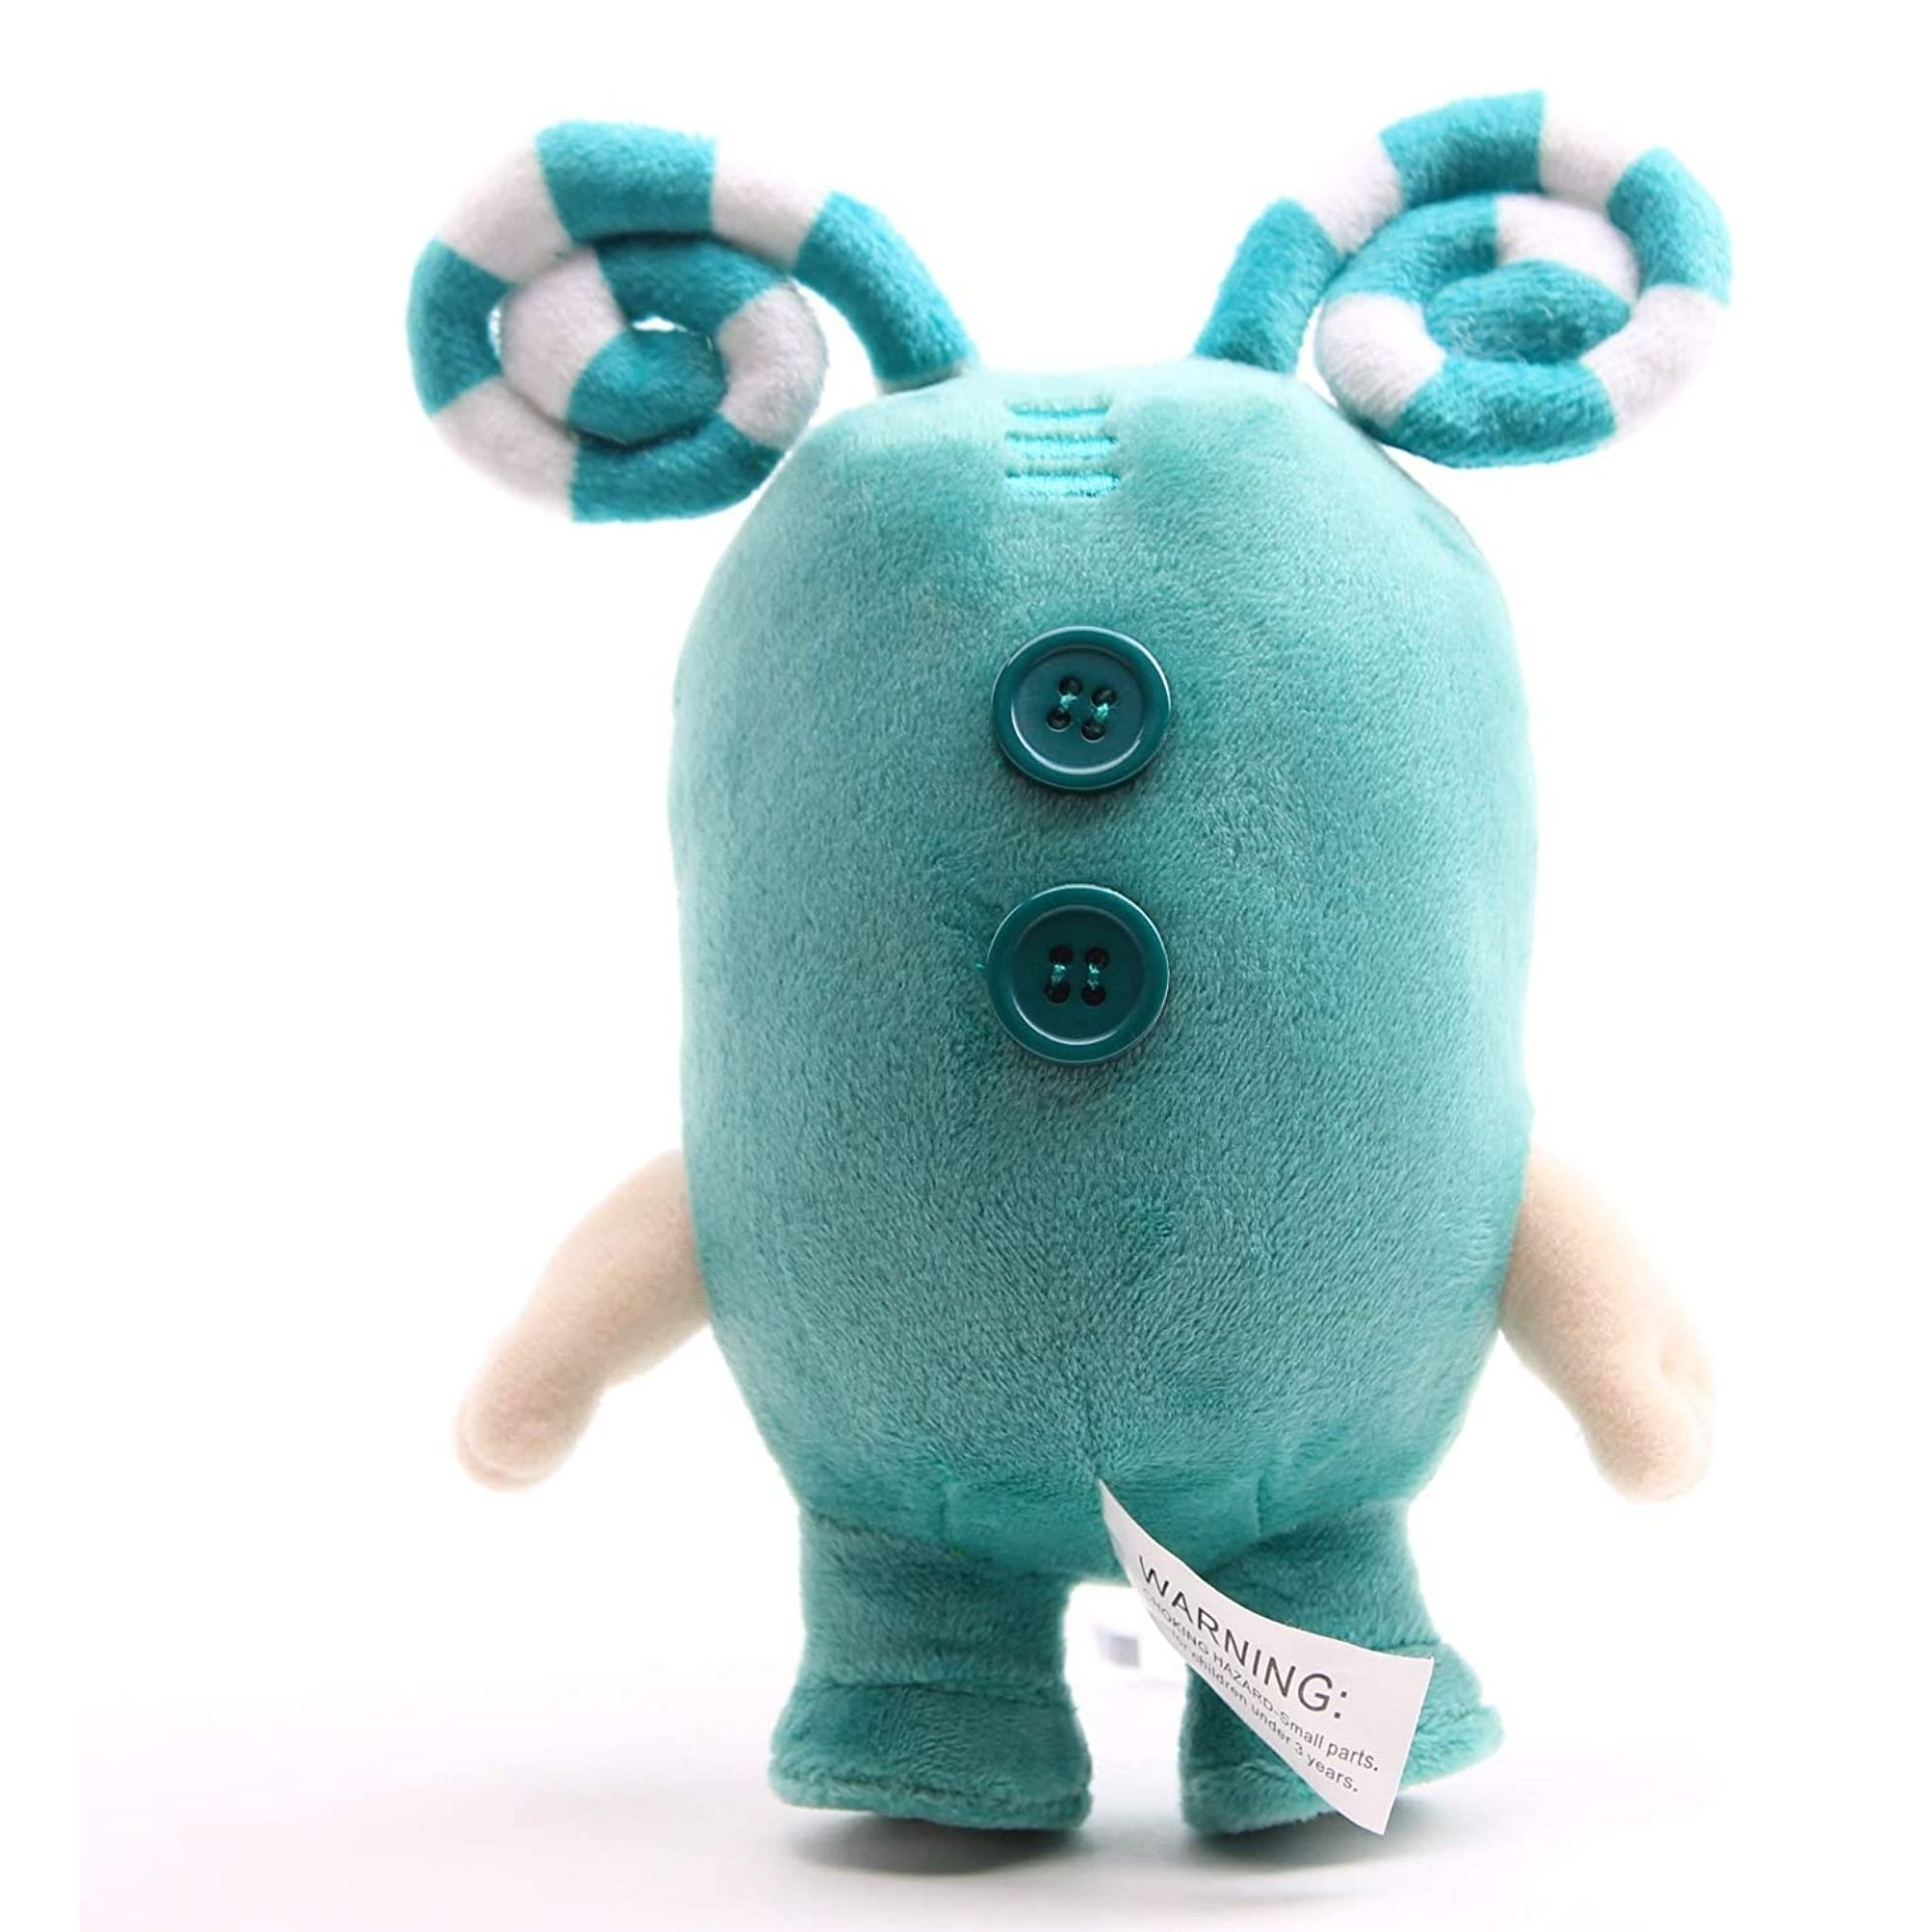 Kit com 2 Bonecos de Pelúcia Oddbods - 1 Verde e 1 Roxo  - Game Land Brinquedos